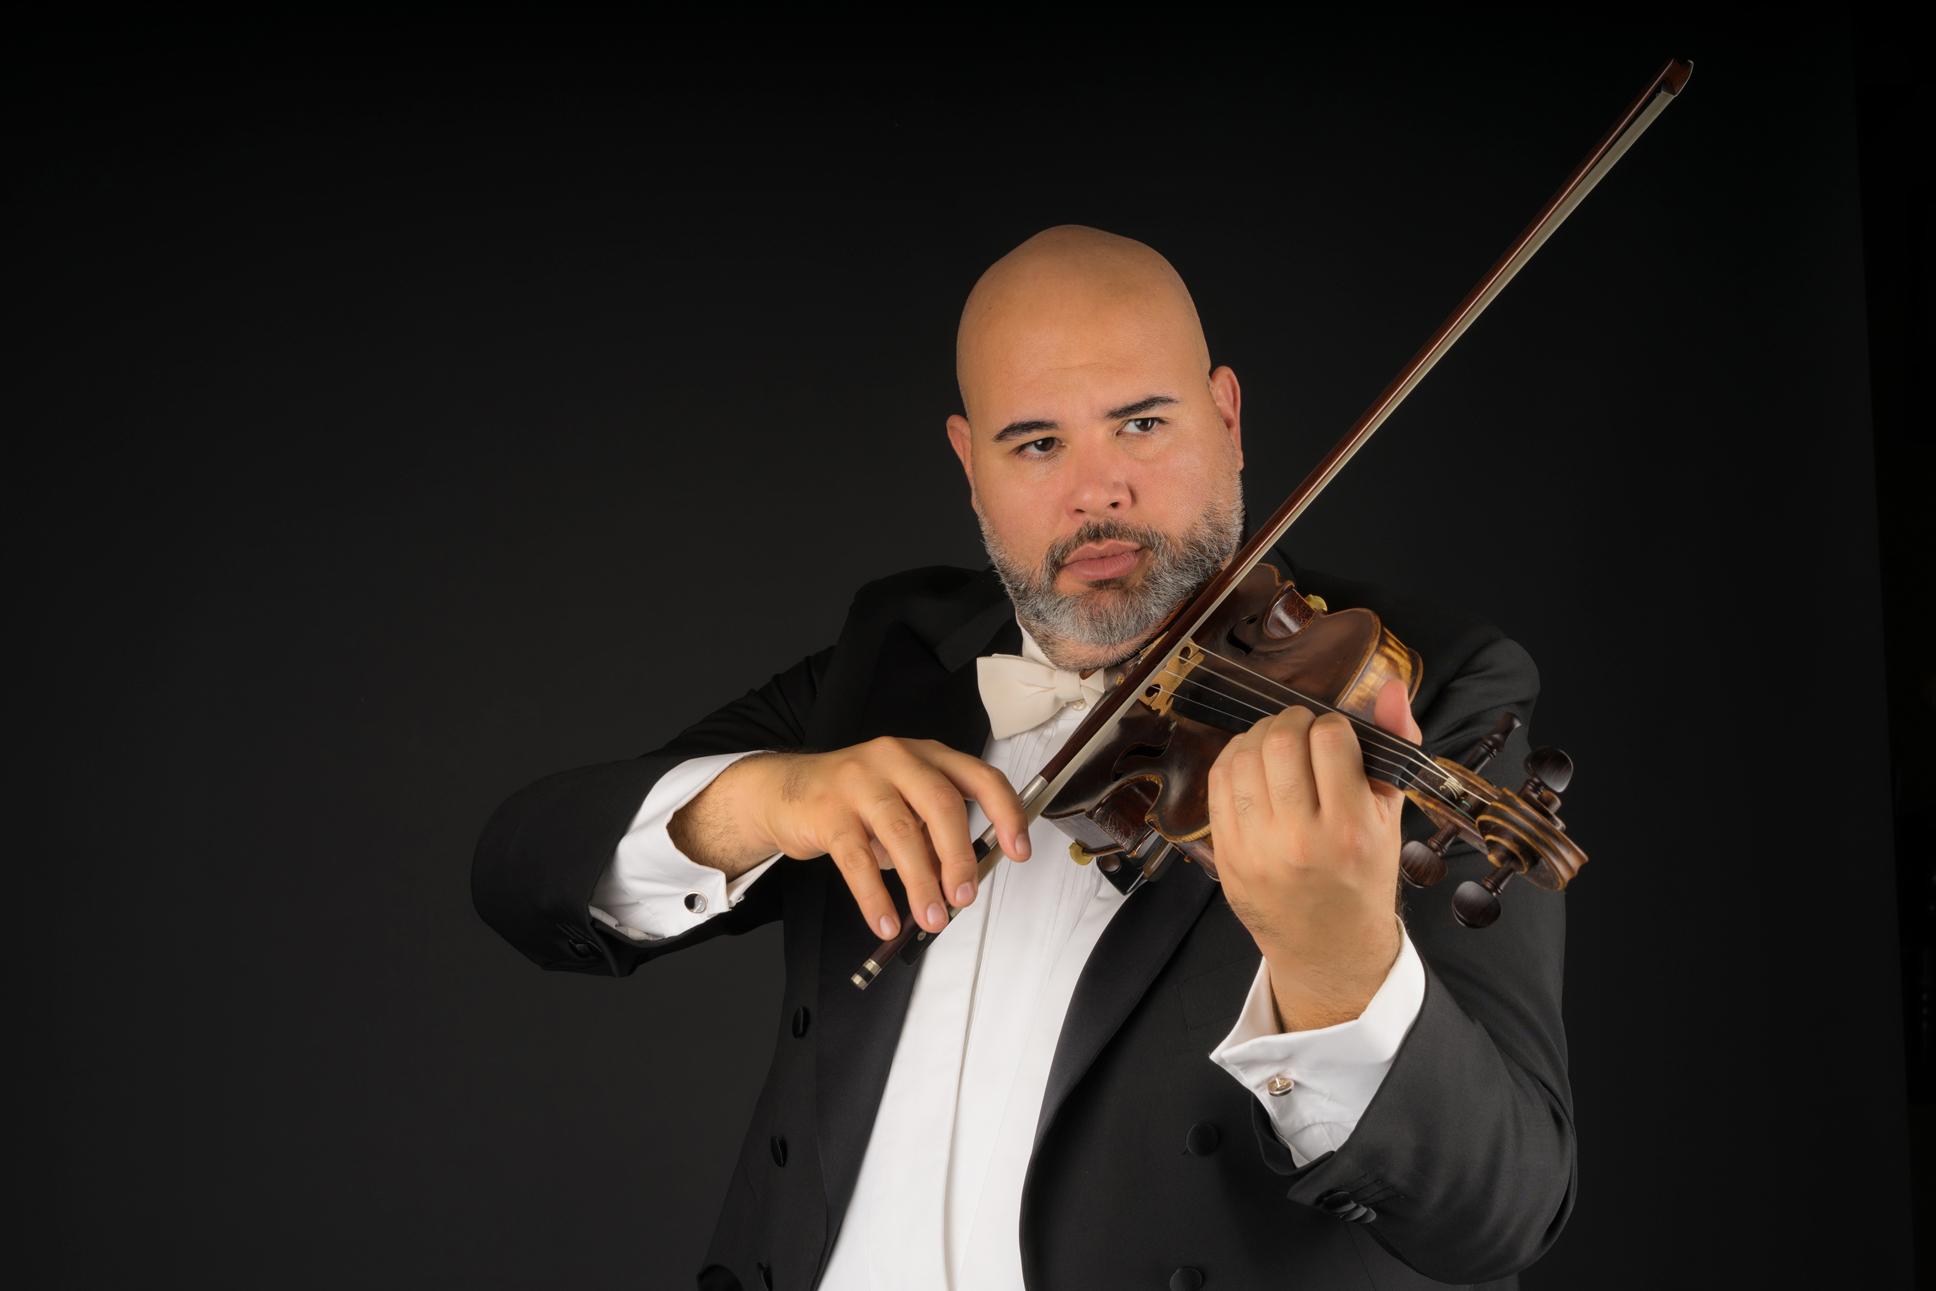 Gianmaria-Melis-Sito-violino-smocking-home